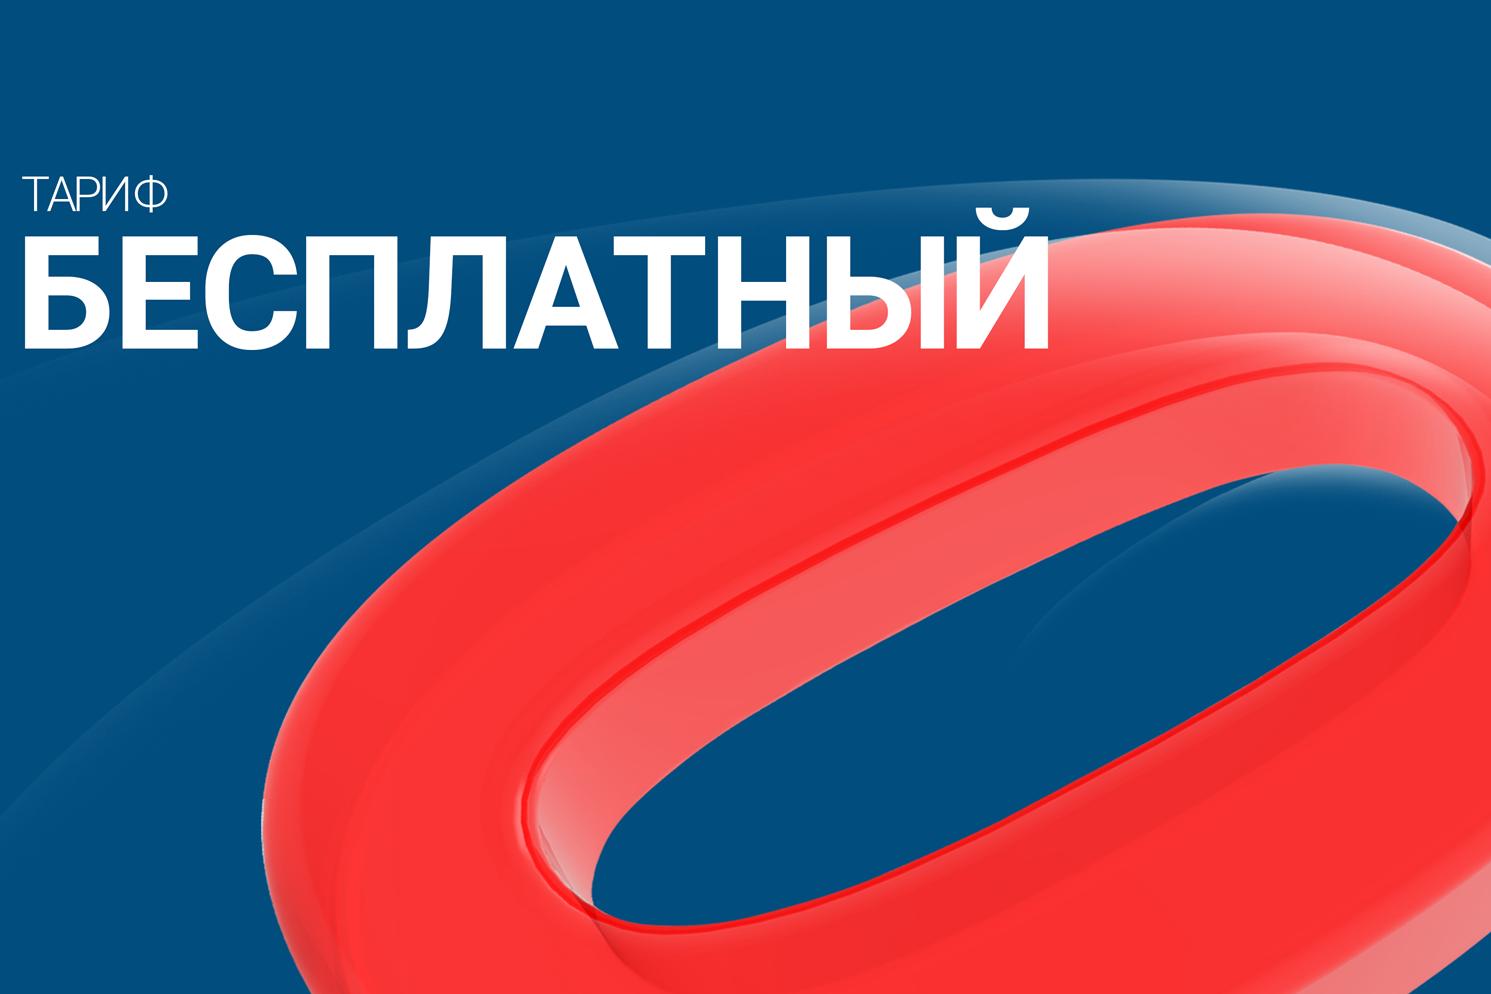 Тариф «Бесплатный» от Danycom плюс реклама в подарок